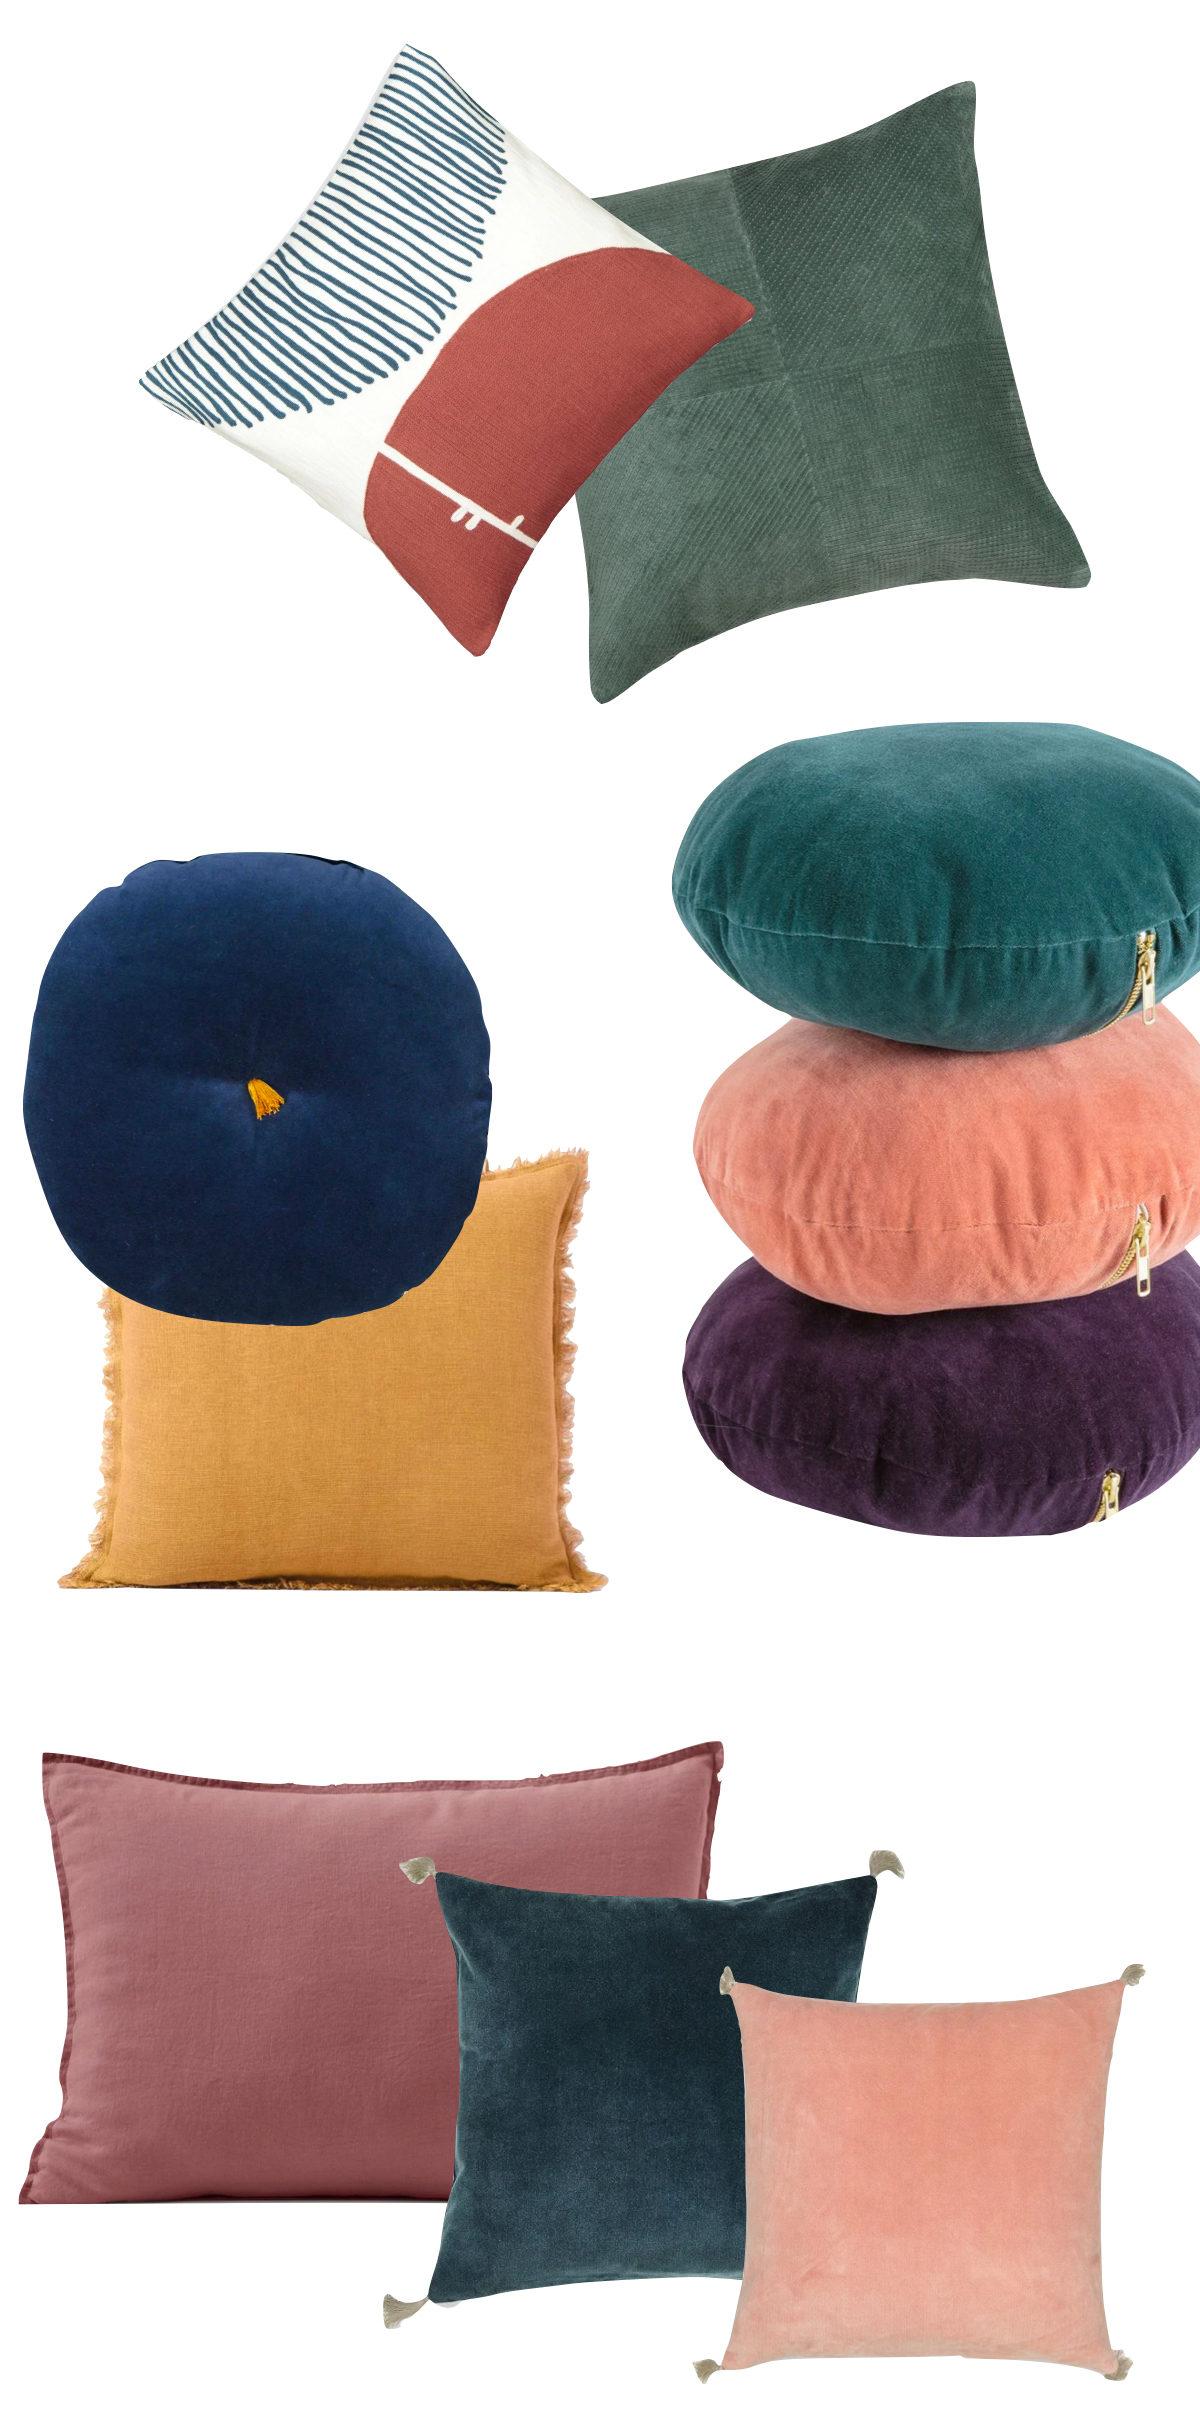 comment choisir ses coussins d'intérieur assortiment harmonie couleur - blog déco - clem around the corner